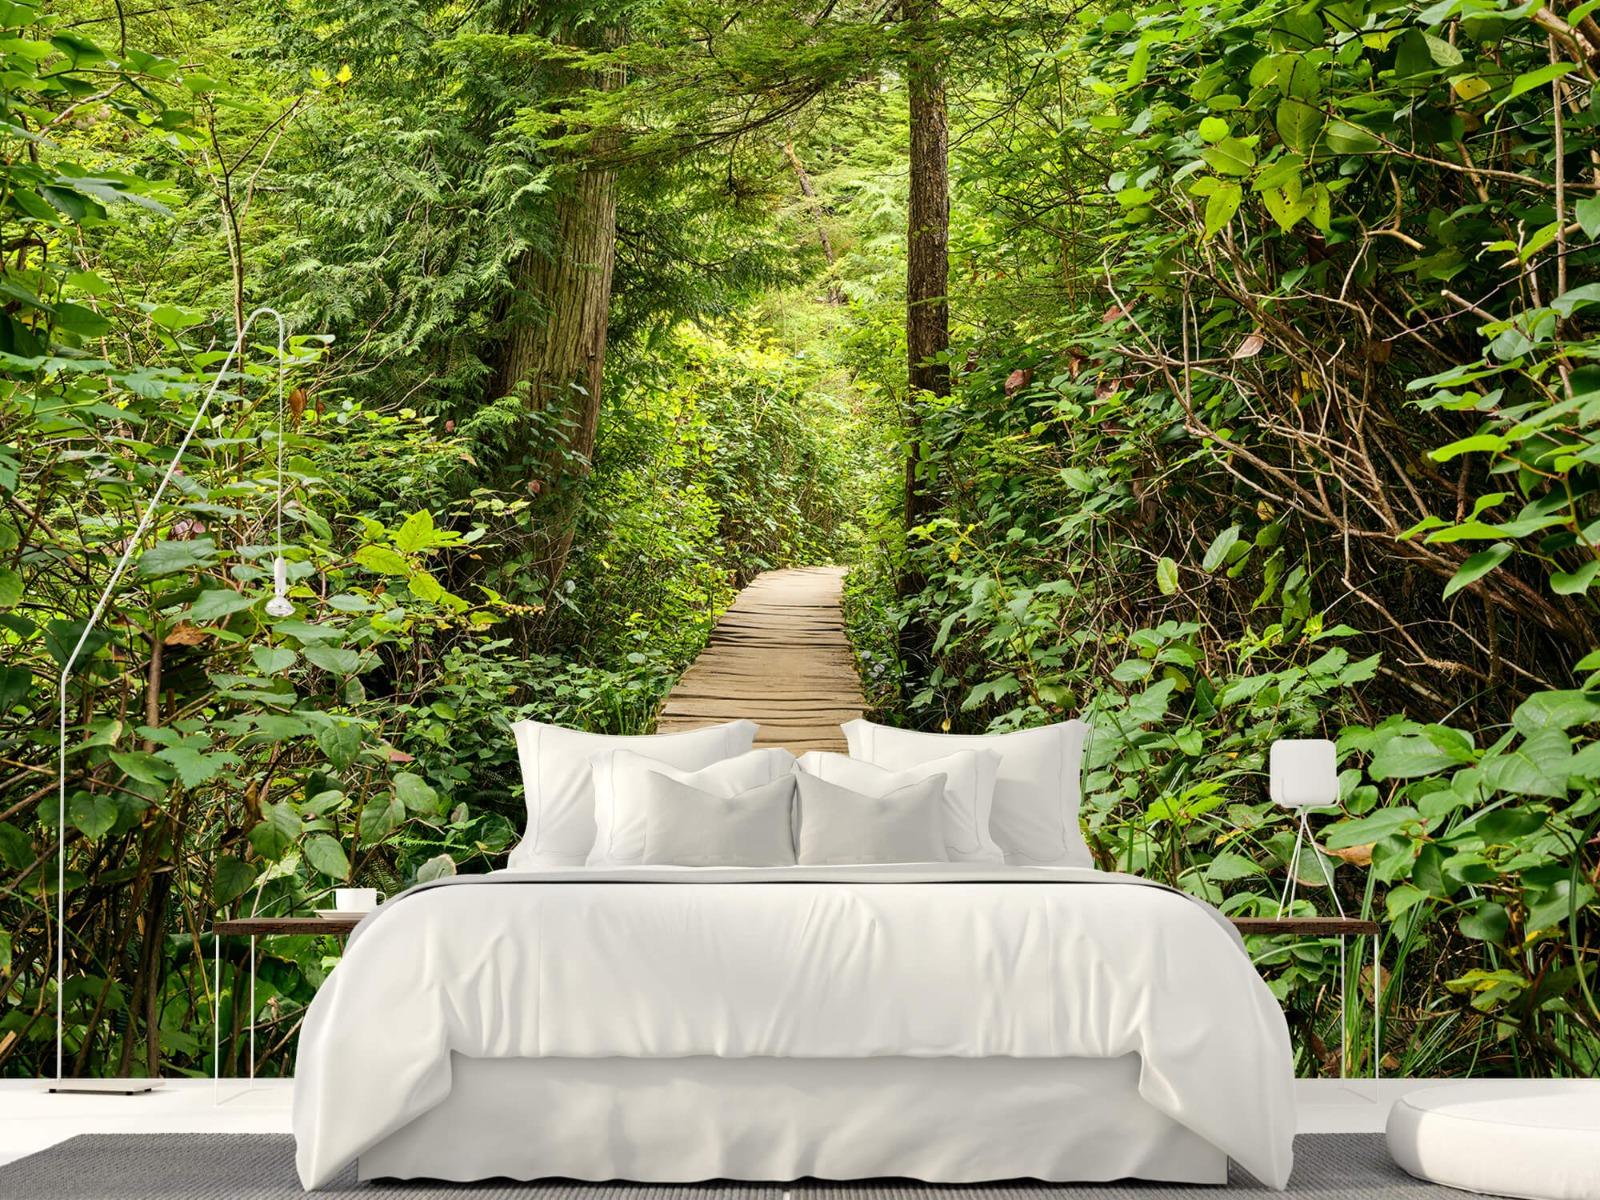 Bos behang - Houten pad door het groen - Slaapkamer 20